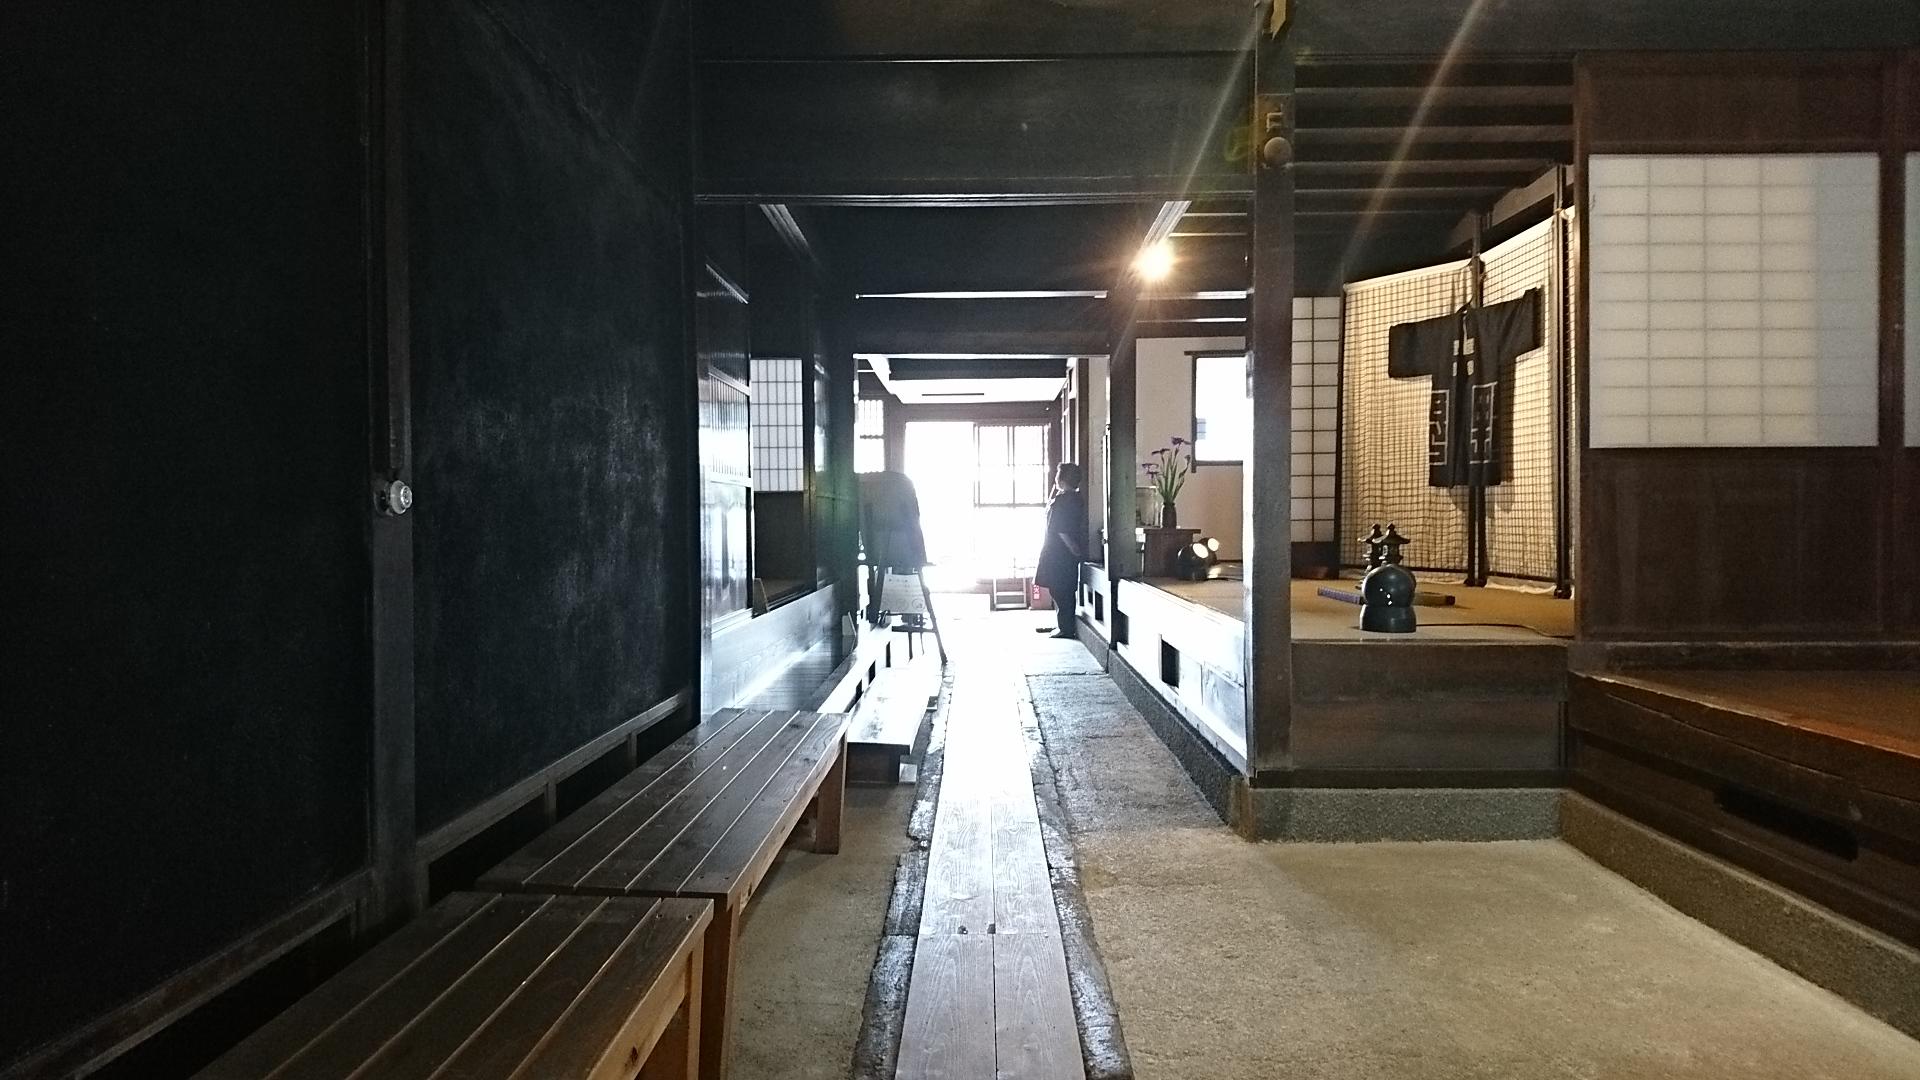 2018.6.7 みたけ (91あ) 商家竹屋 - どまから玄関をみる 1920-1080